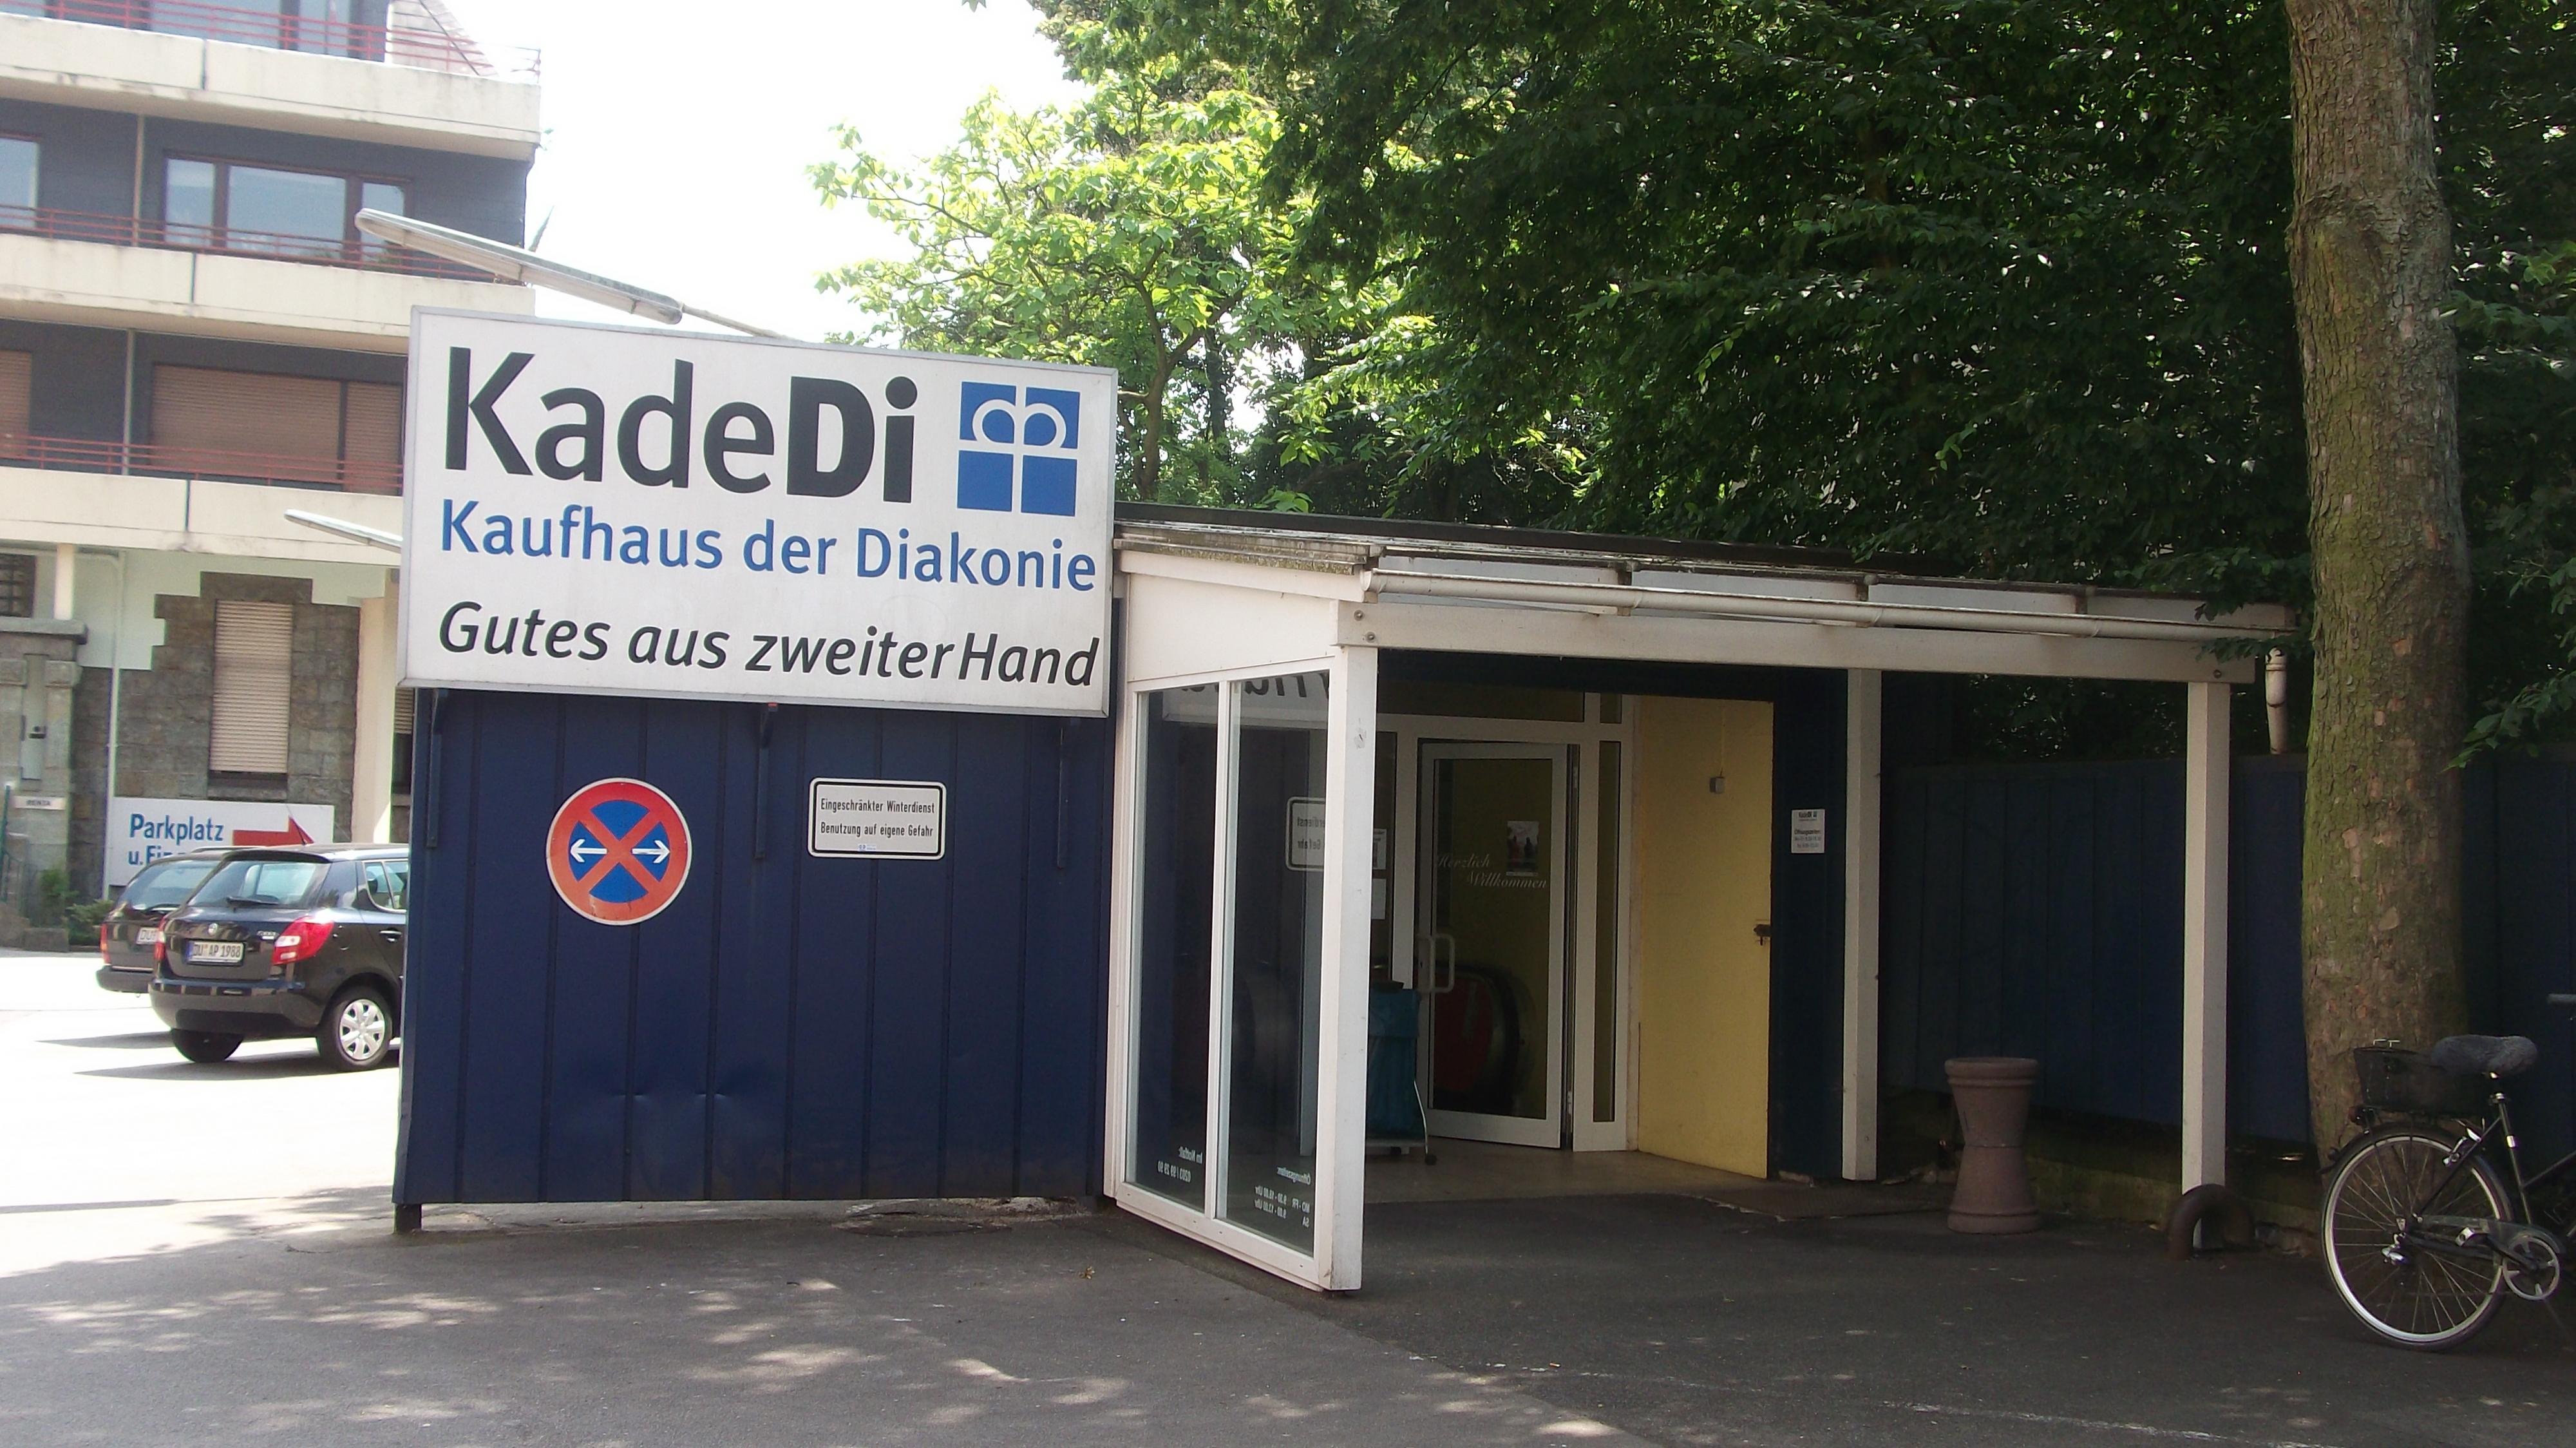 Kadedi Kaufhaus Der Diakonie 47053 Duisburg Dellviertel